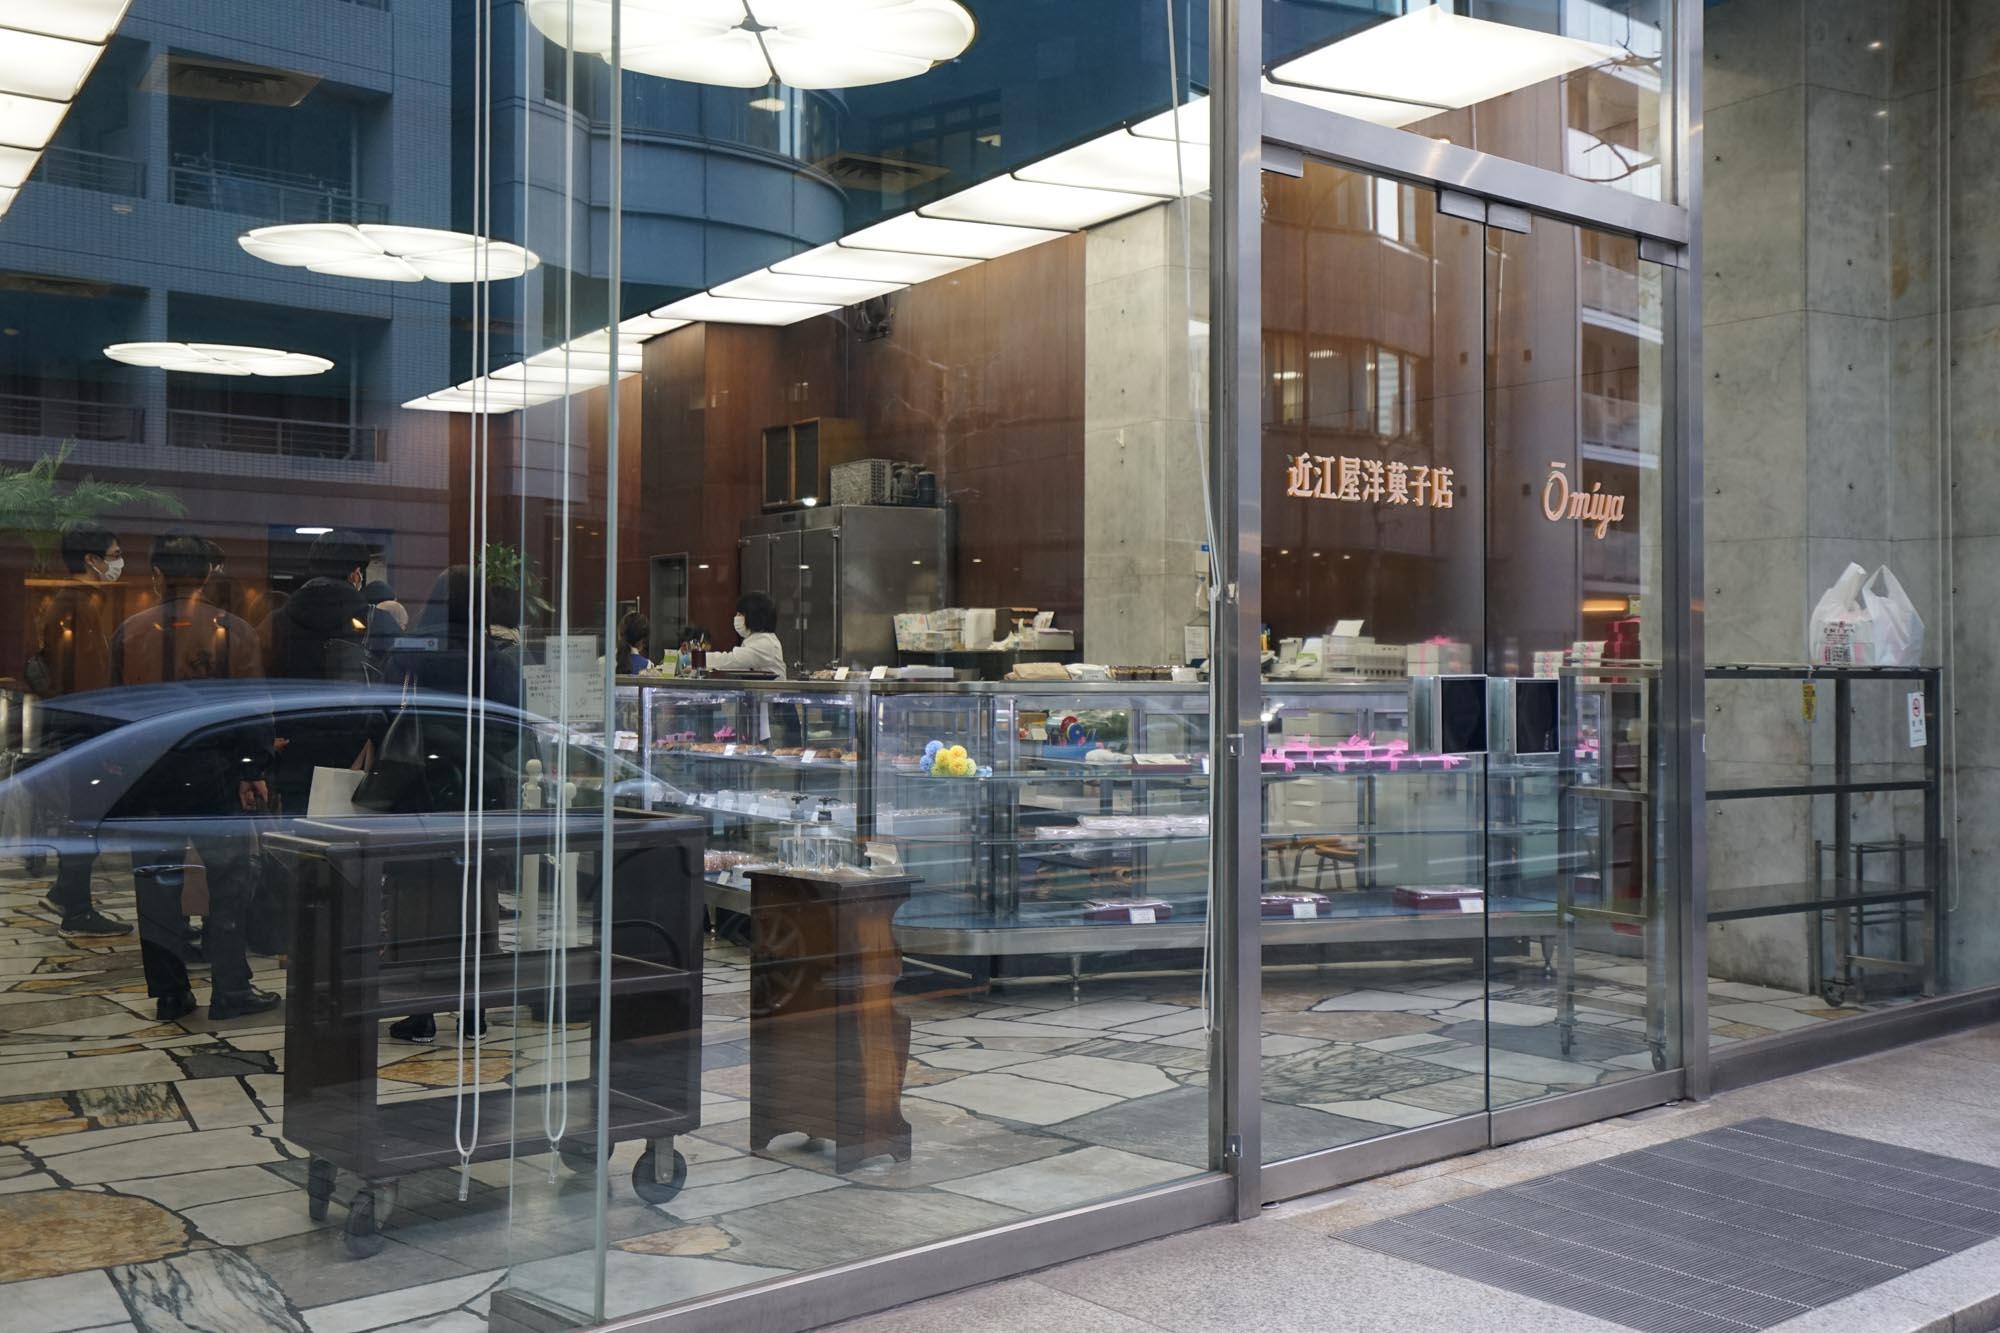 こちらは明治17年創業の有名な洋菓子店、「近江屋洋菓子店」